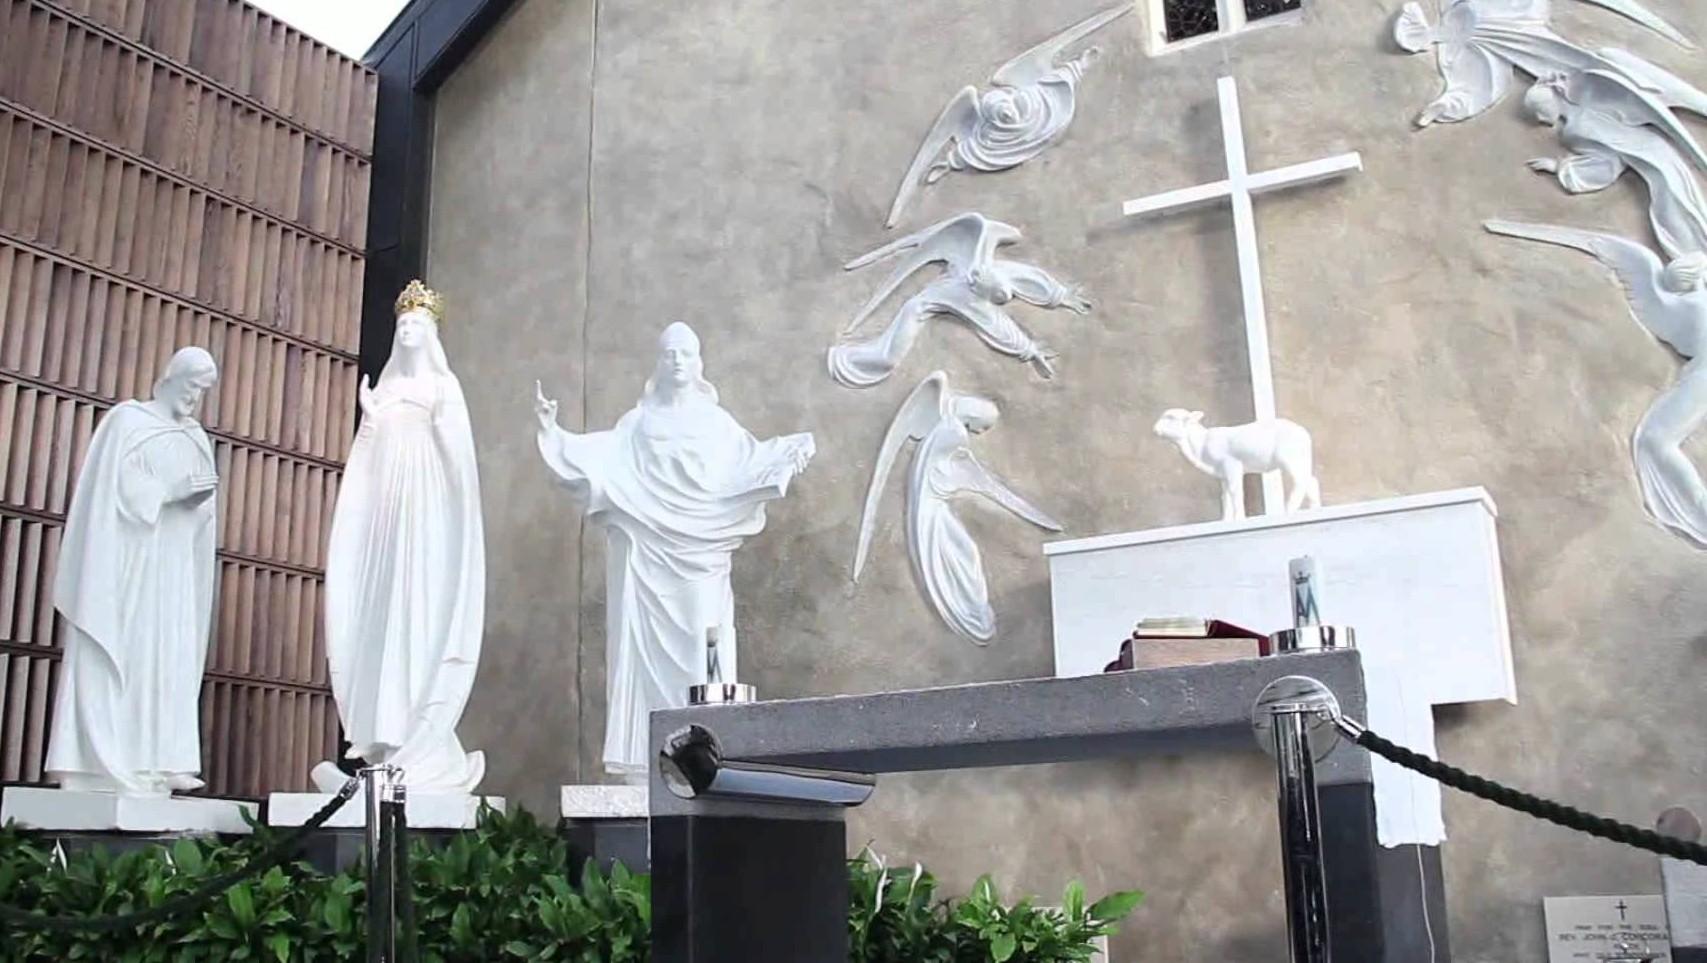 Nuestra Señora de Knock, una de las más Enigmáticas Apariciones, Irlanda (21 ago)